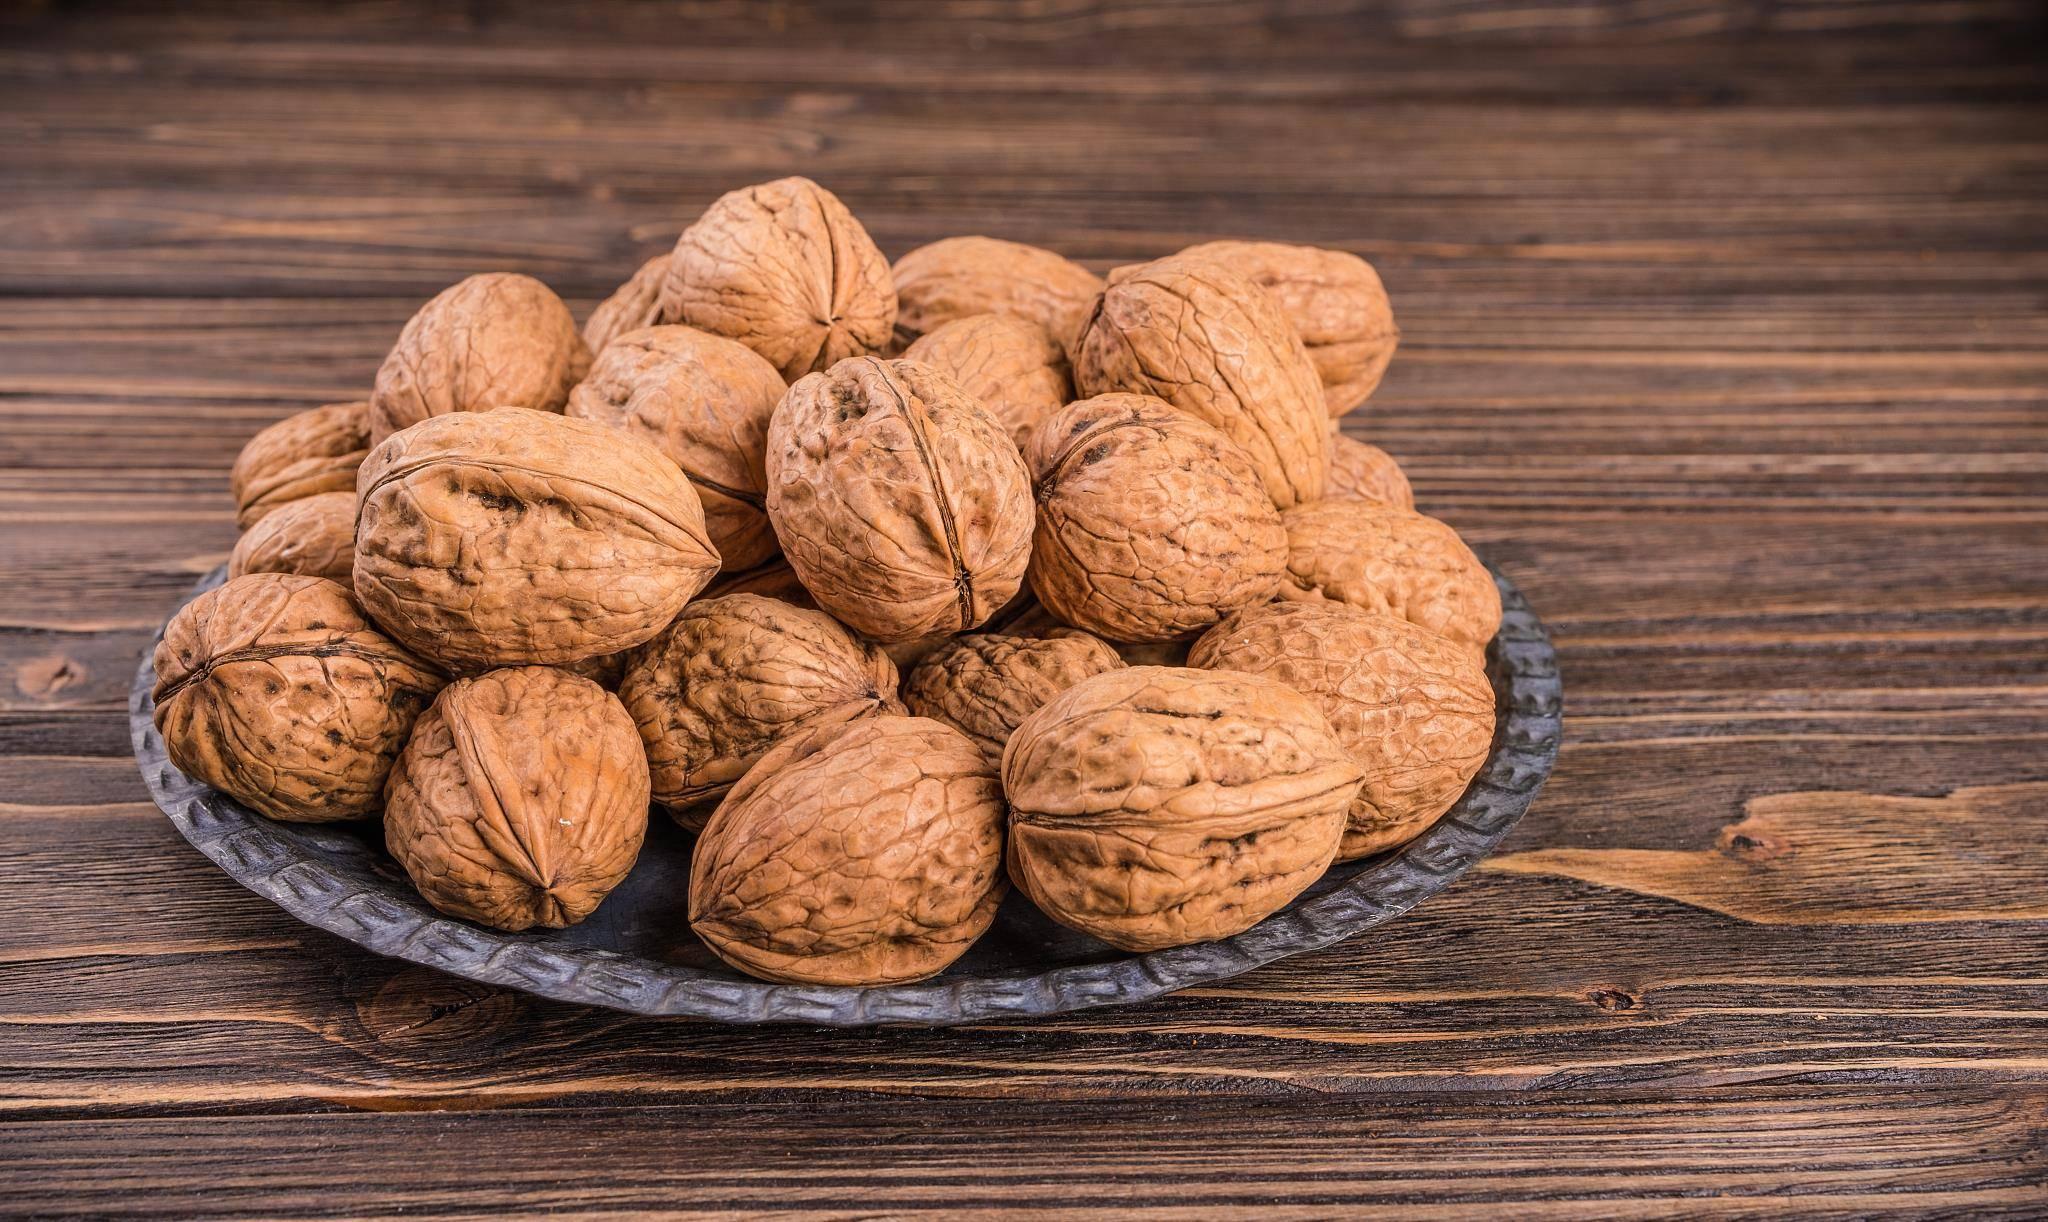 高血压就怕缺钾 4种高钾食物可常吃  高血压缺钾的主要症状